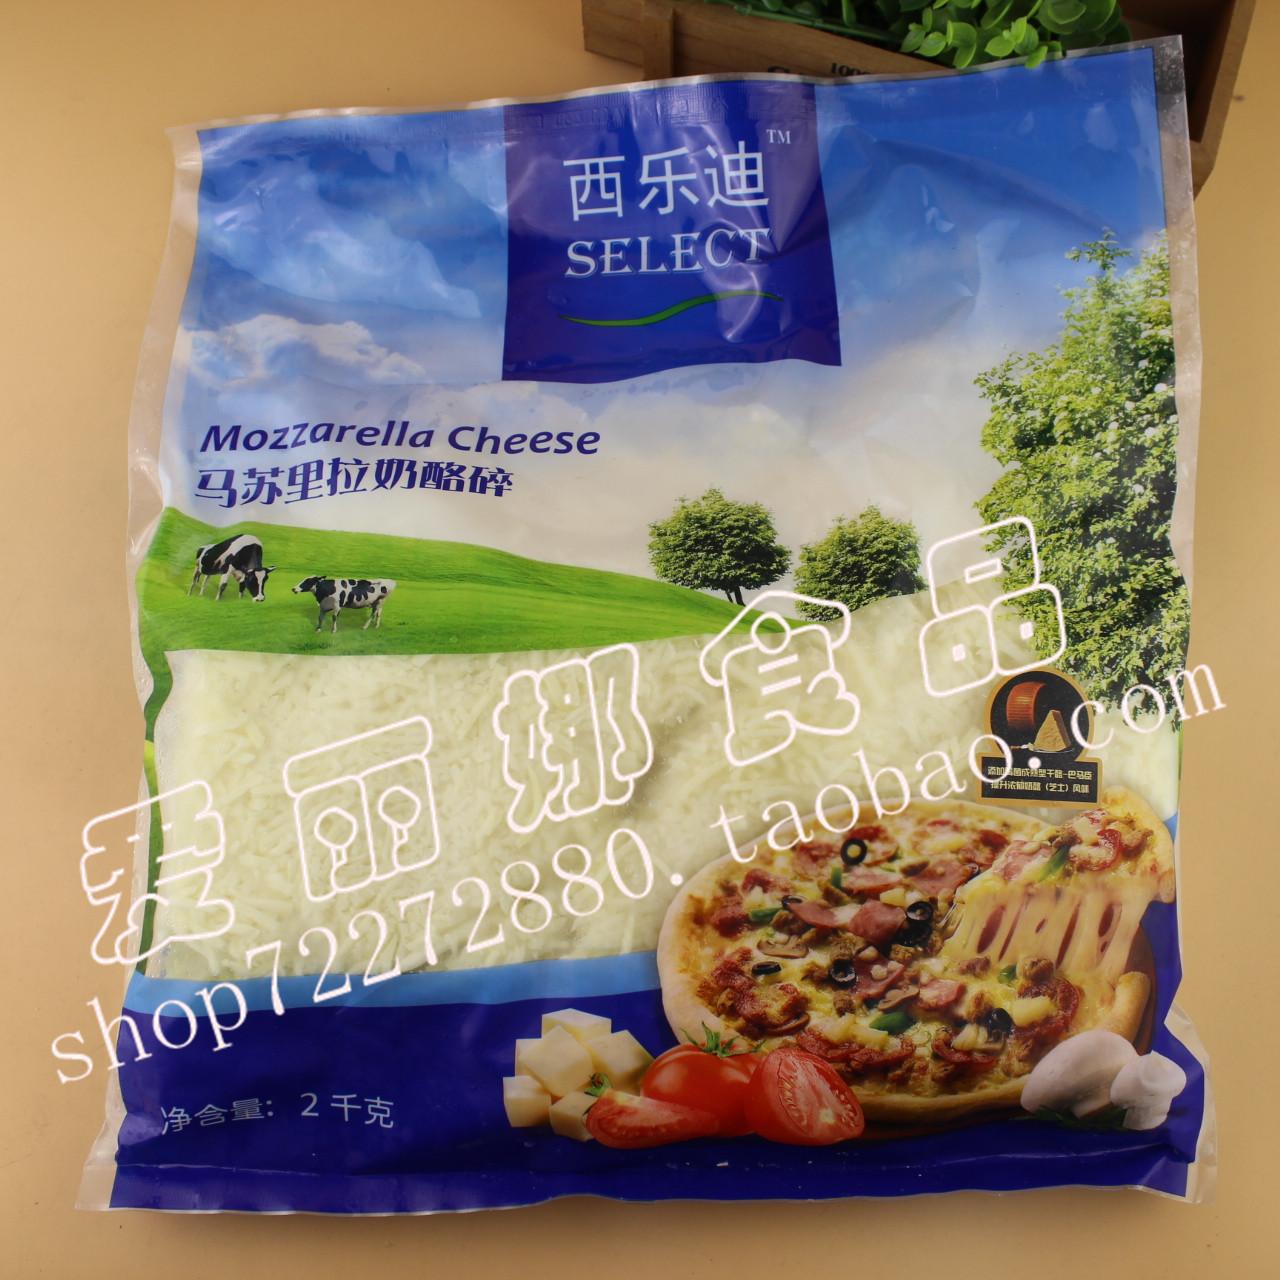 西乐迪马苏里拉2kg芝士碎披萨奶酪(用1元券)